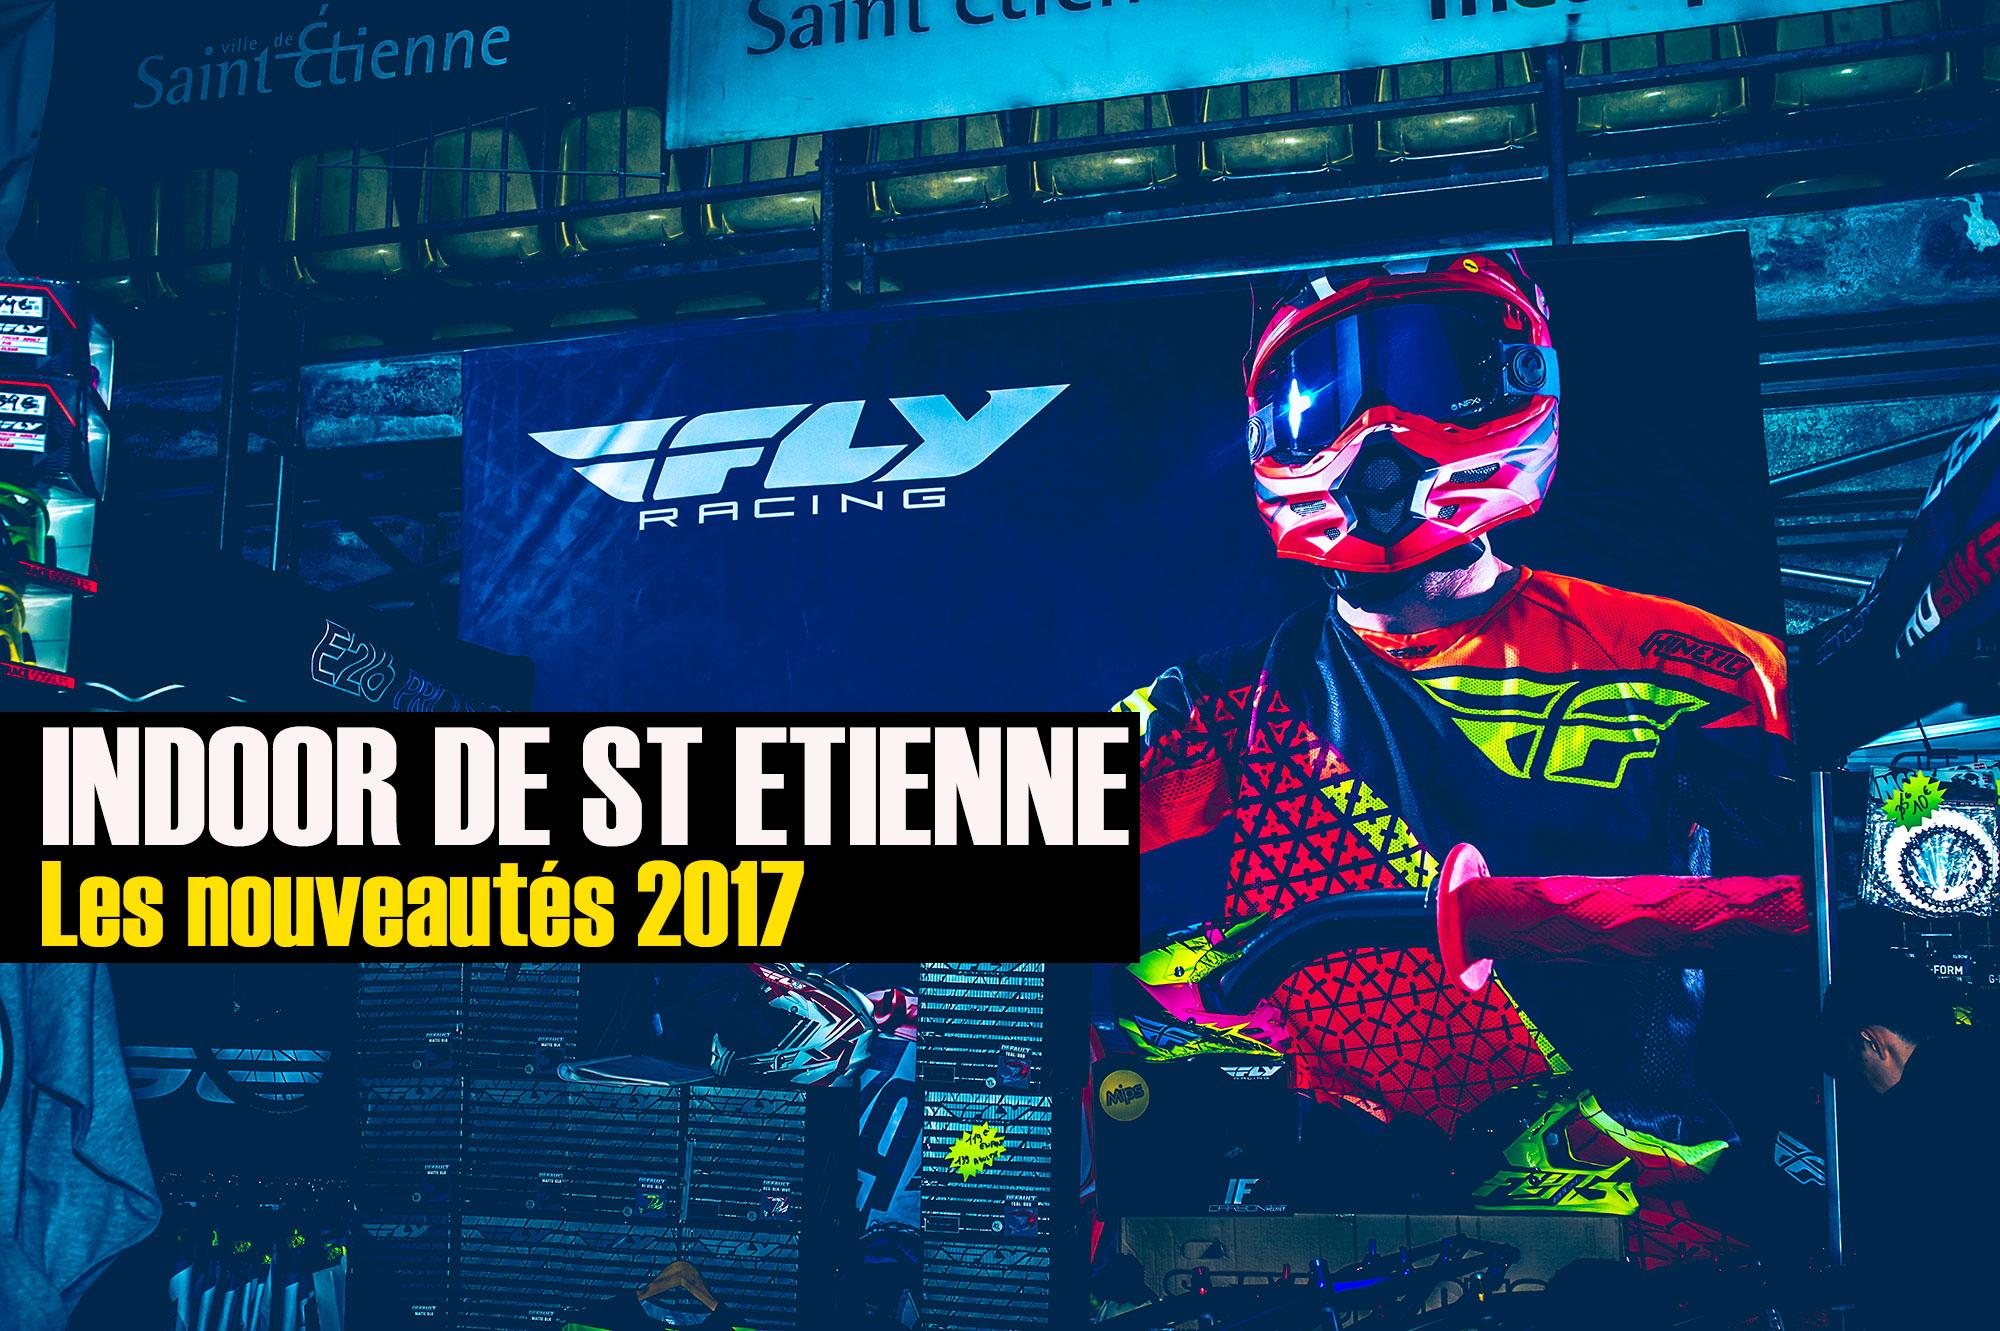 Indoor de St Etienne: Les news matos 2017 !